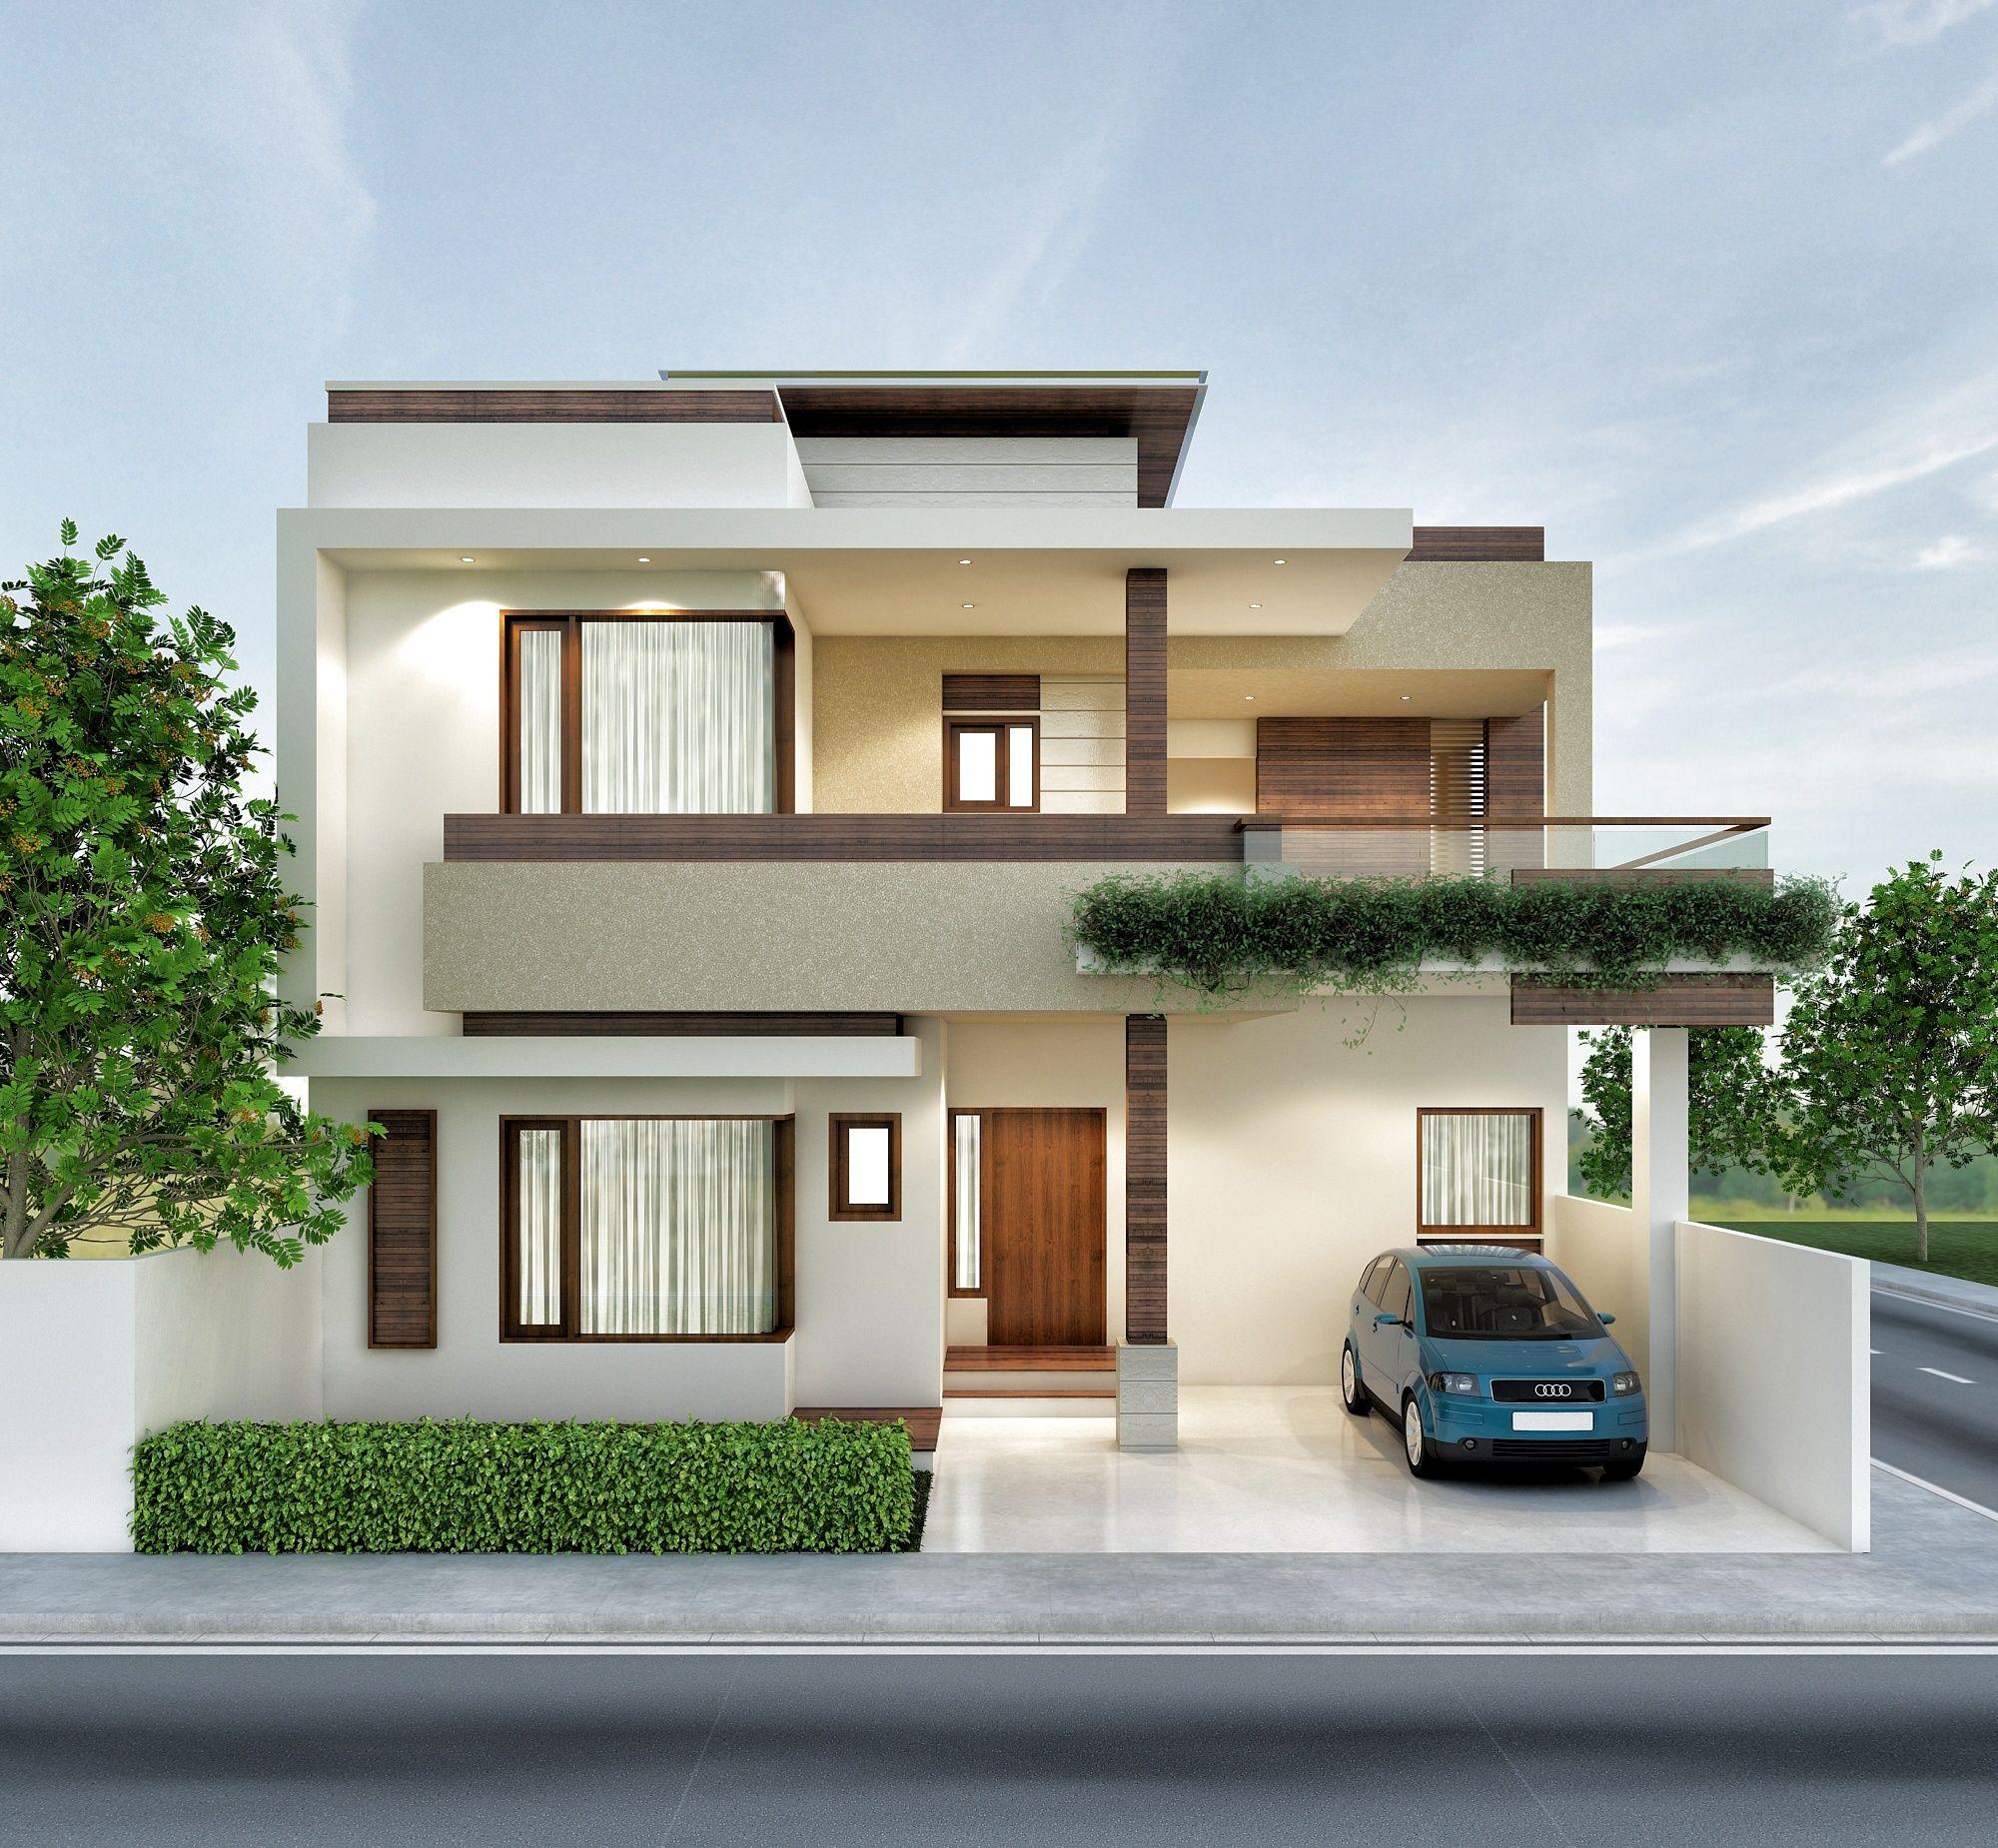 Haus fassade moderne häuser moderne erhebung exterieur design bogenhaus zweifamilienhaus haus plan fassadengestaltung moderne fassade